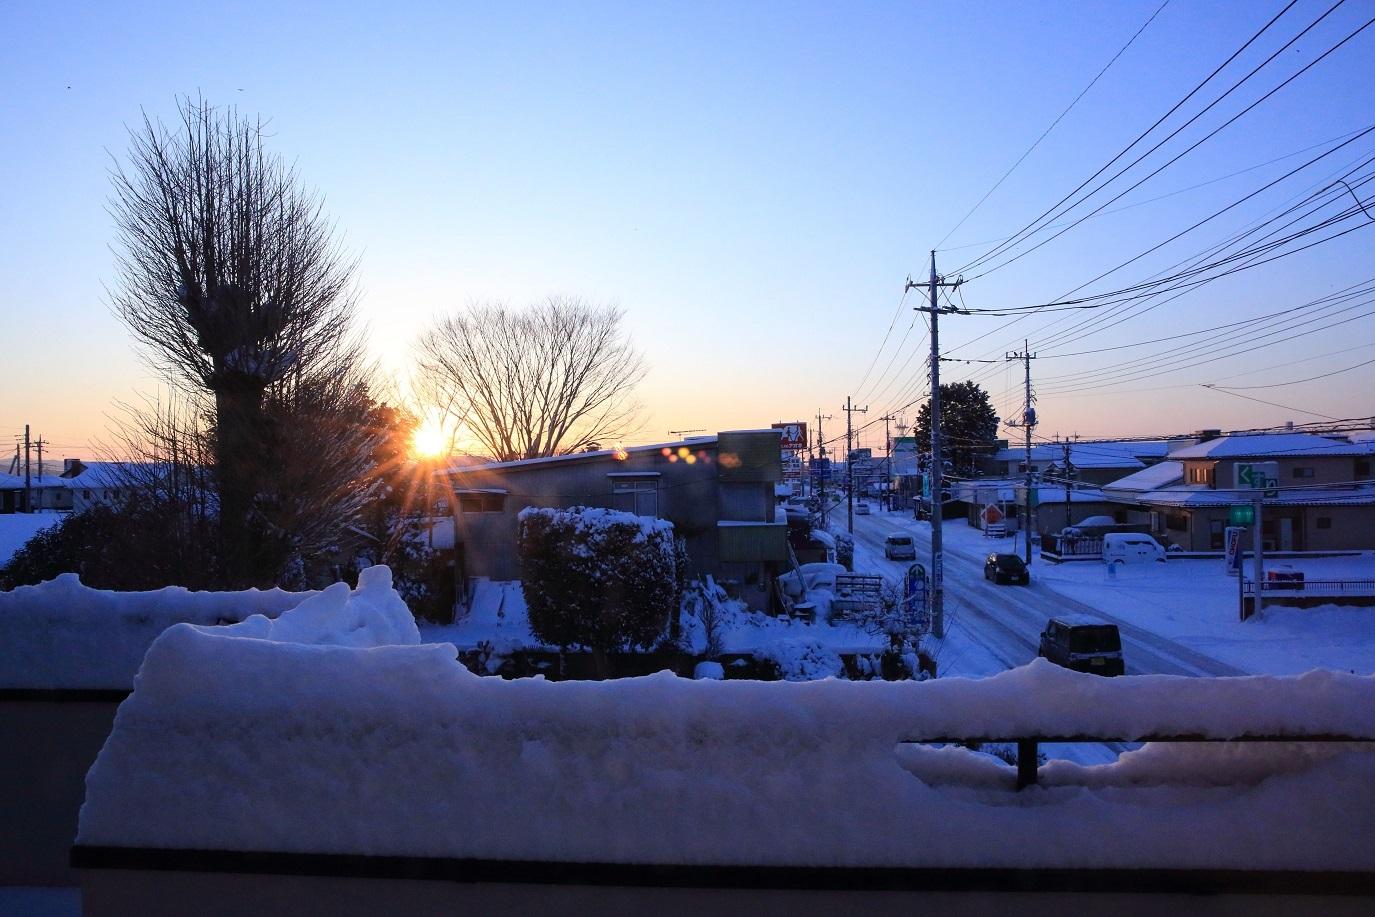 2018 1 23 ブログ 雪 日の出.jpg